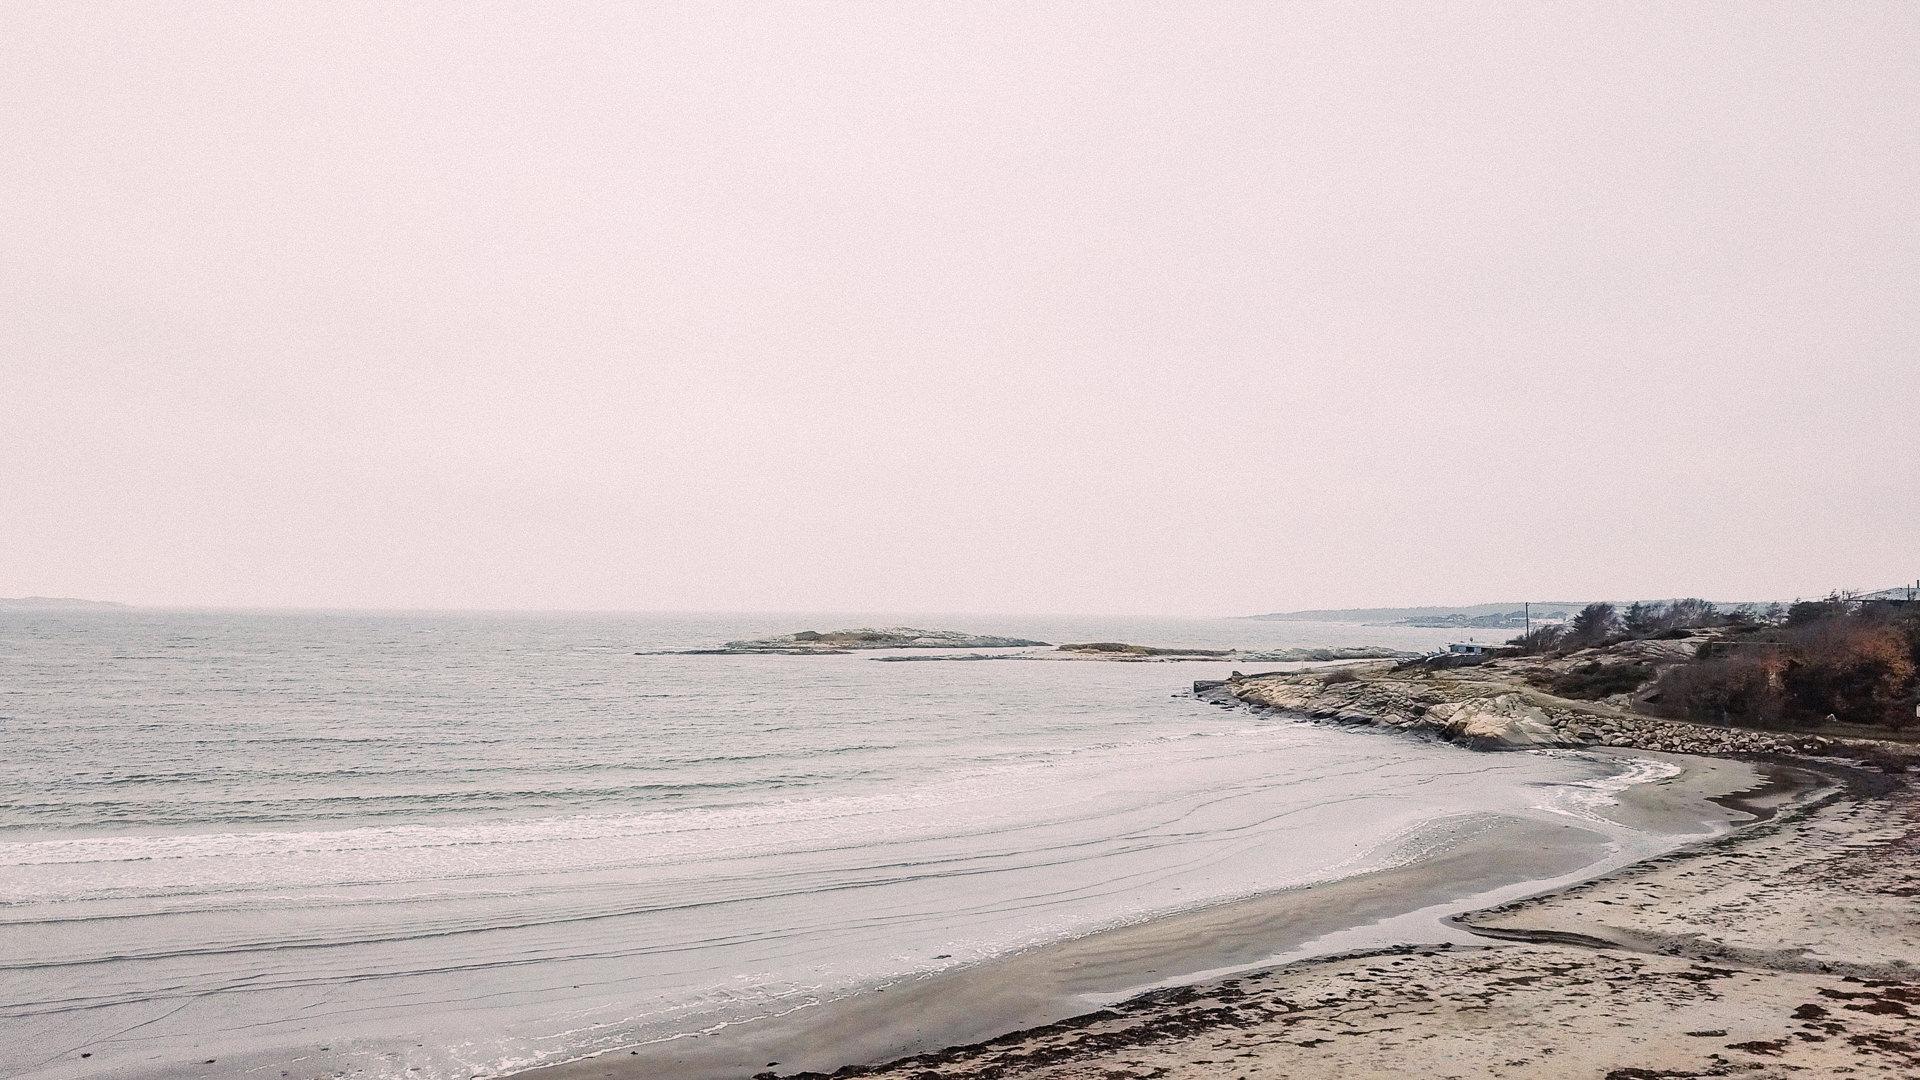 Utsikt över Solviks trädgård med havsviken i bakgrunden. Från Kum Nye-retreaten i maj 2018.